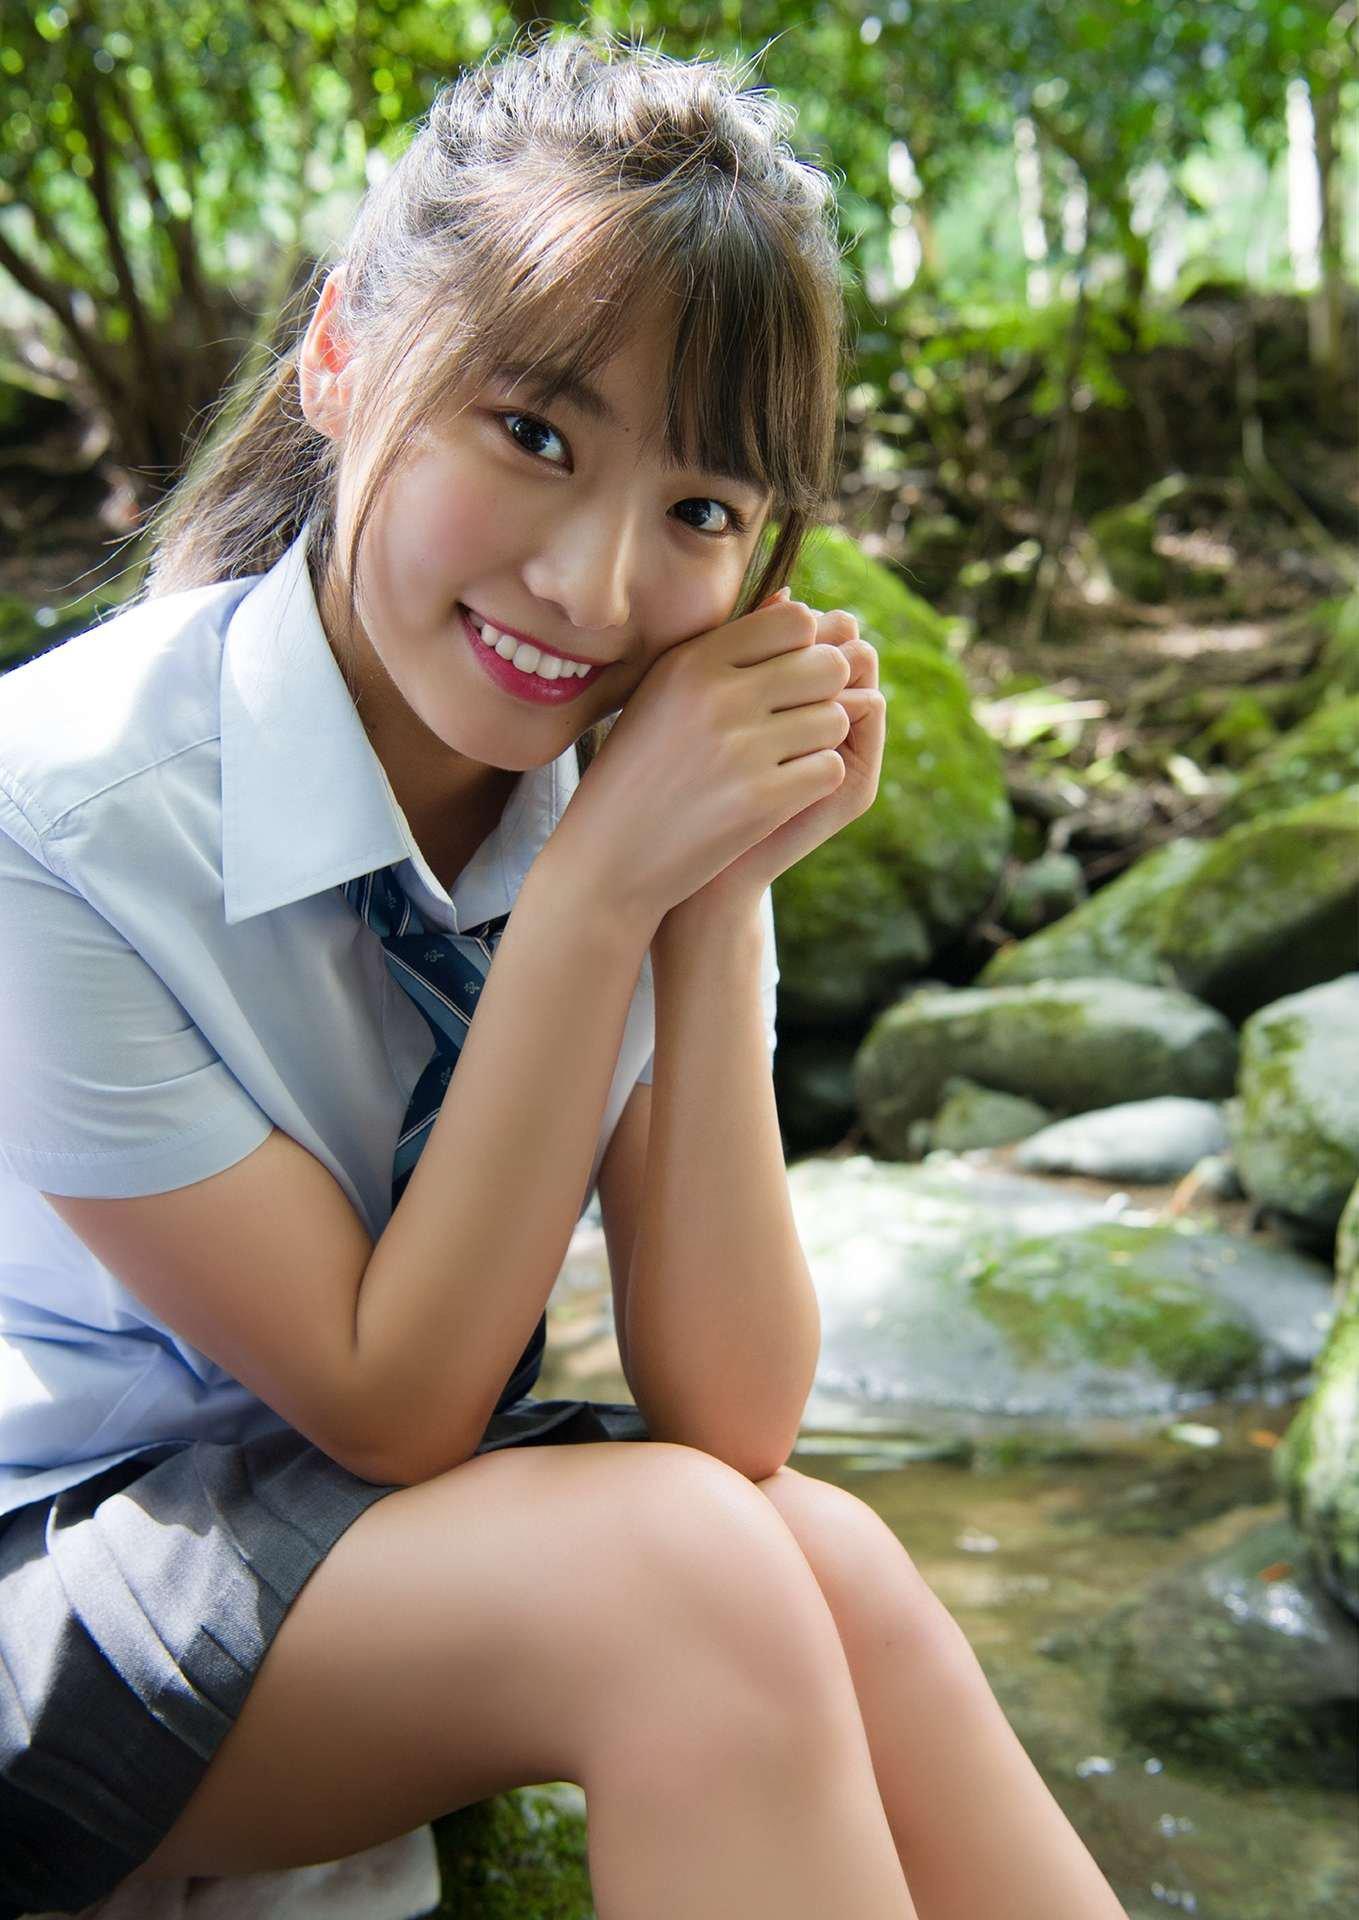 グラビアアイドル写真集|17歳のビキニの天使の古田愛理(ふるた あいり)まとめ画像 128枚